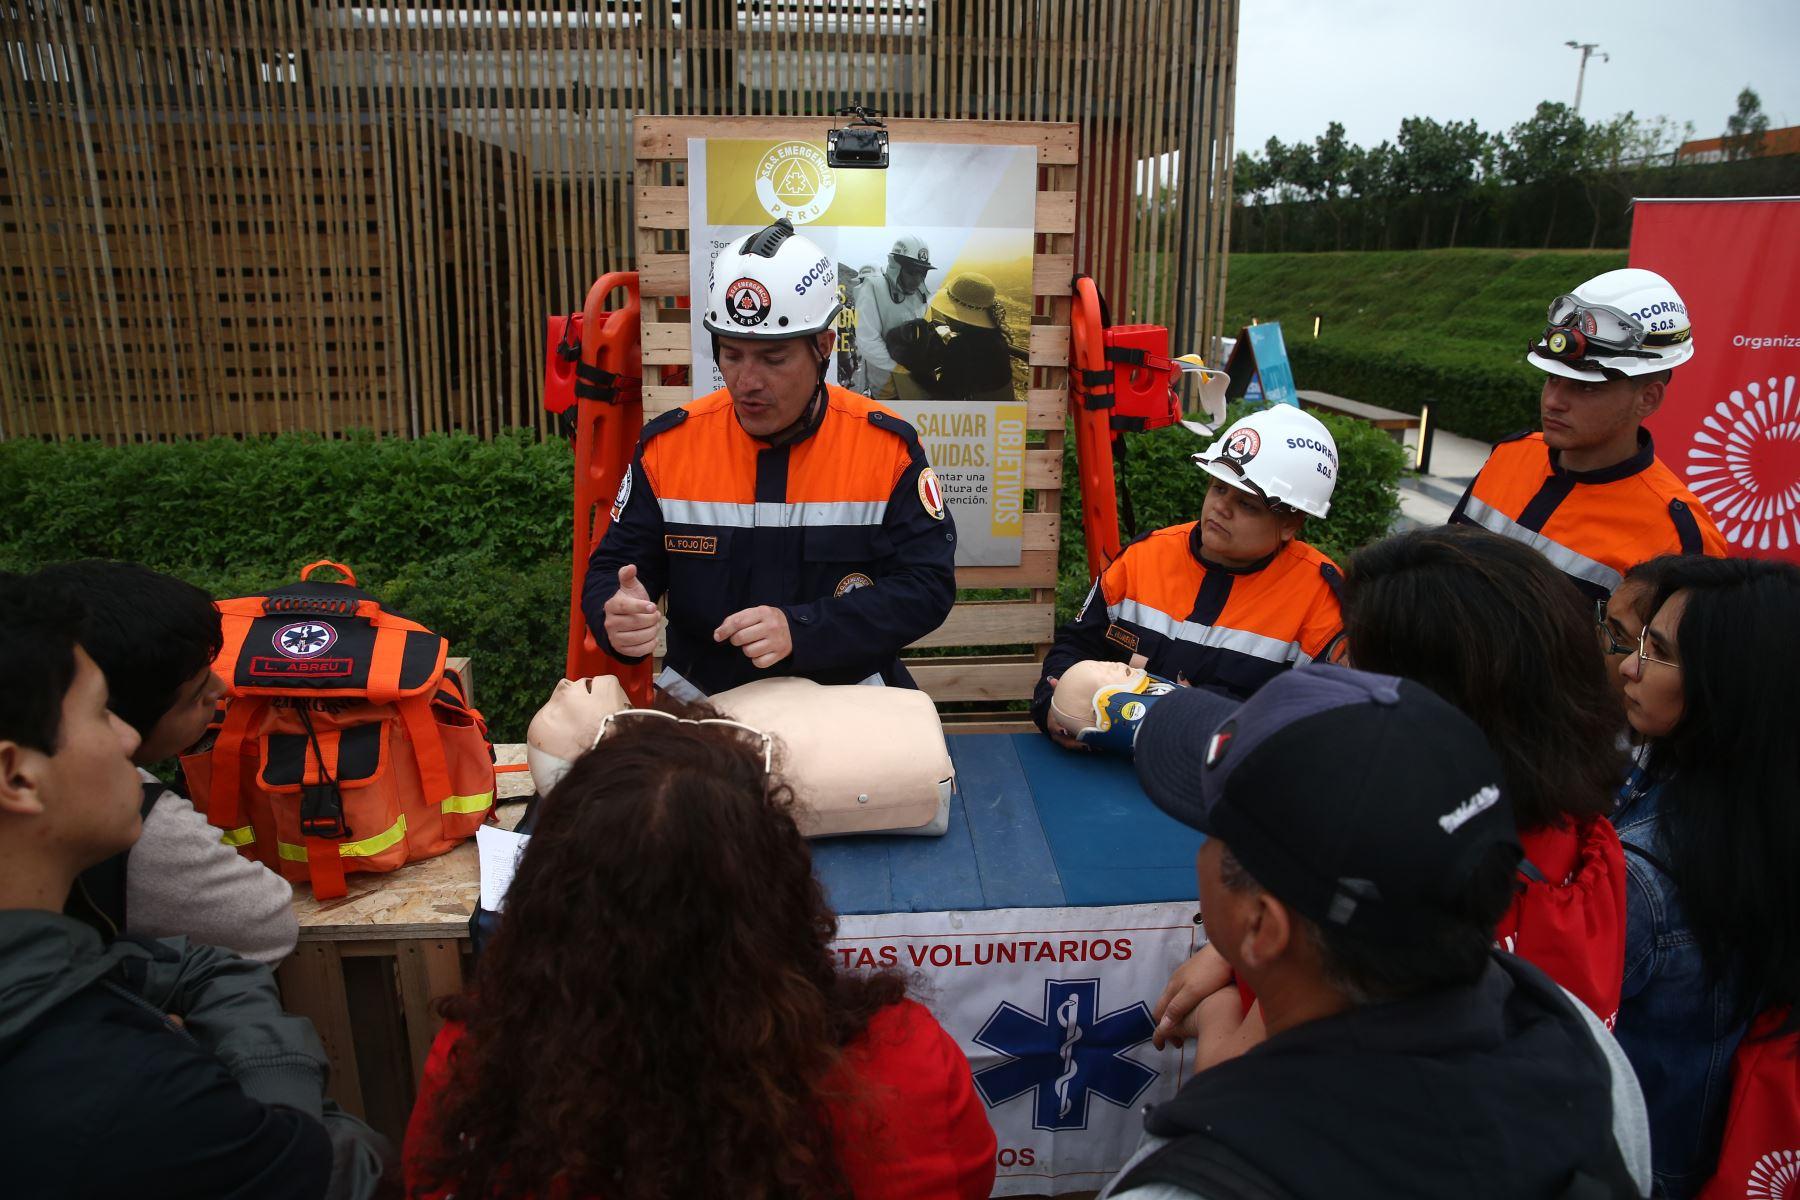 En el marco de las celebraciones por el Día Internacional del Voluntariado, se realiza la primera Festival de Voluntariados del Bicentenario , en el parque Ecológico Voces por el Clima, en Santiago de Surco. Foto: ANDINA/Vidal Tarqui